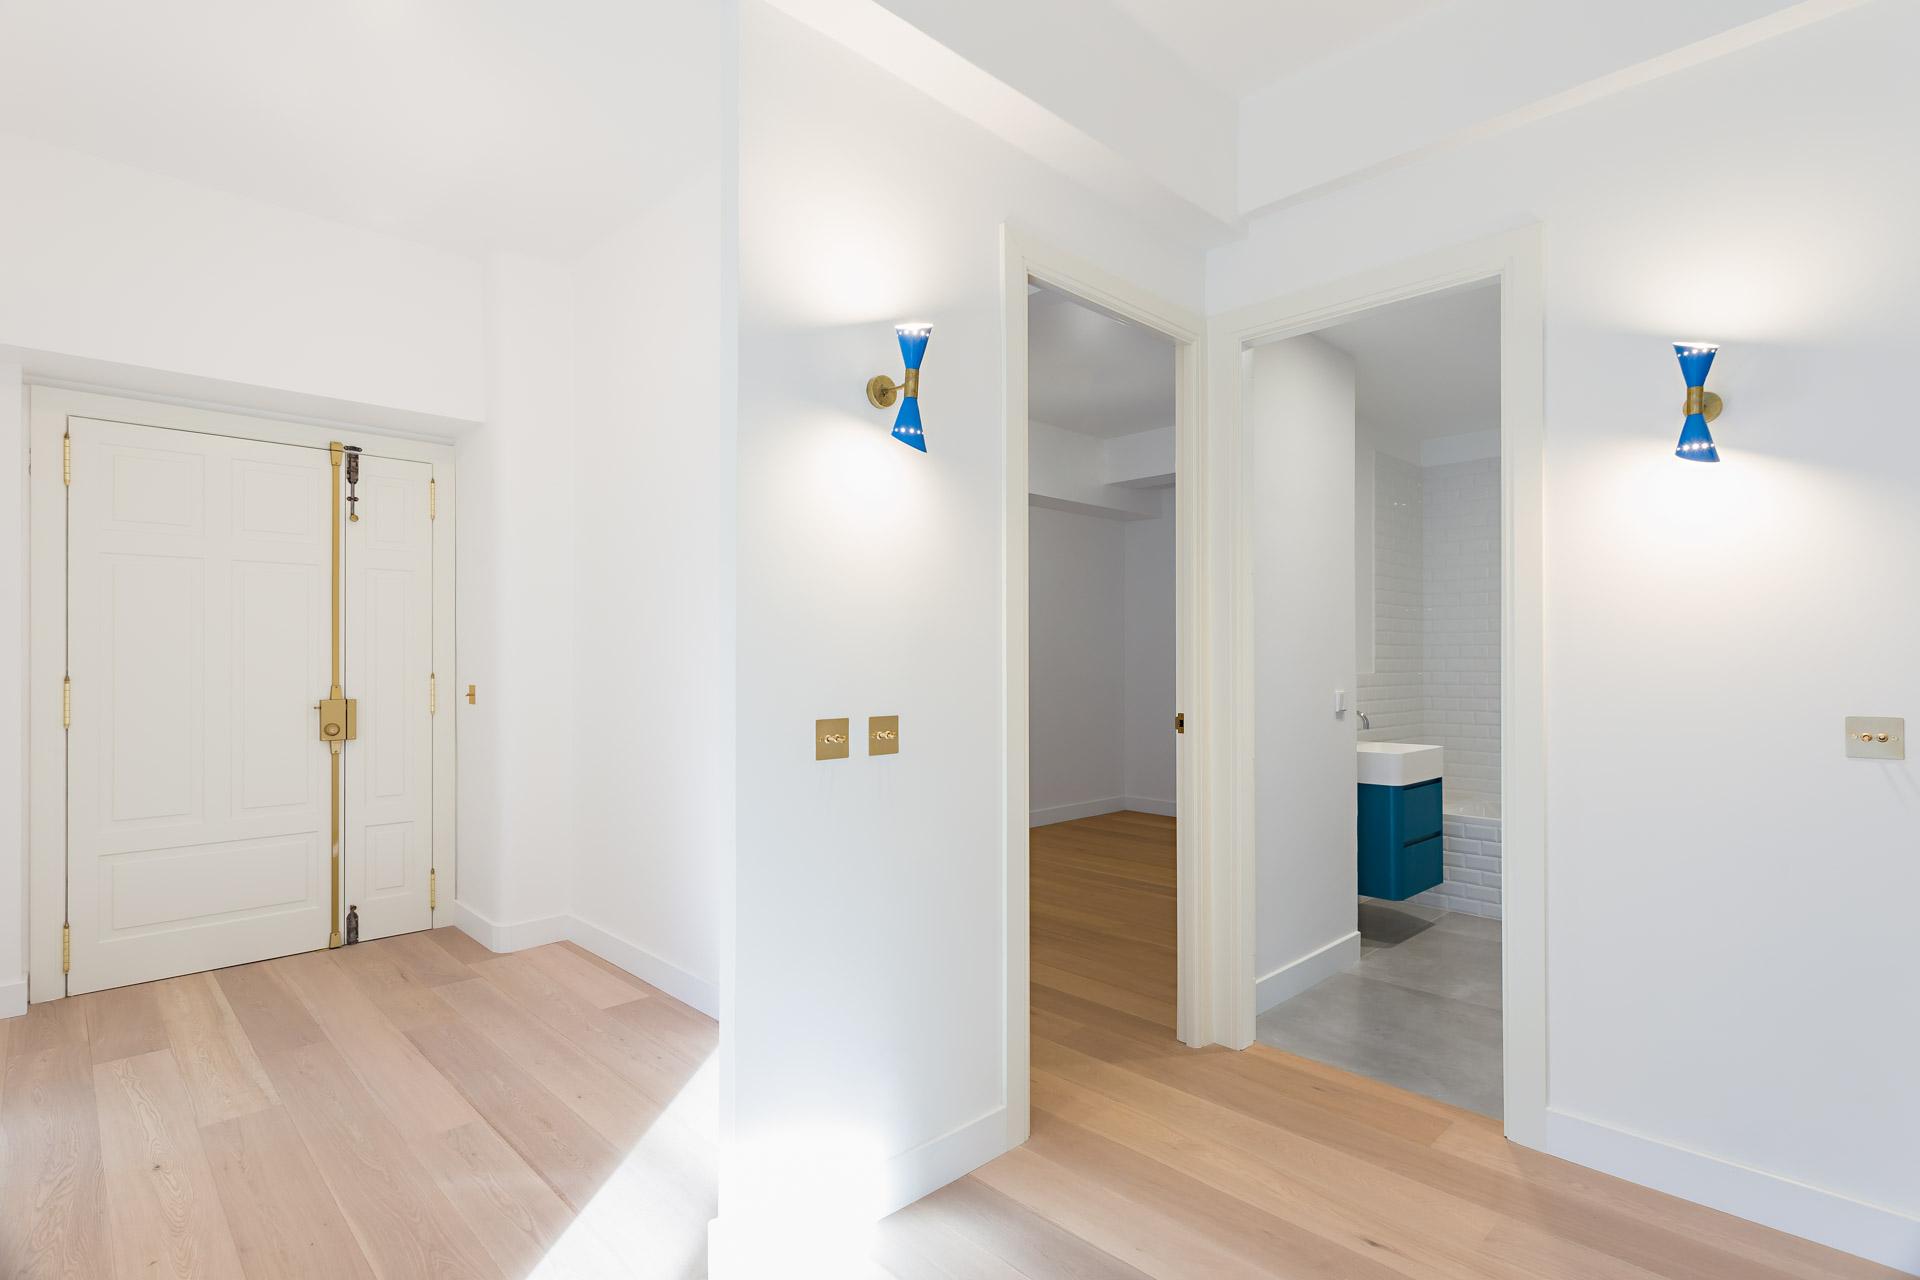 Reforma integral de vivienda | Altadi Construcciones - Reforma integral de vivienda | Altadi - Reforma integral de vivienda | Jose Chas | Fotografía de arquitectura